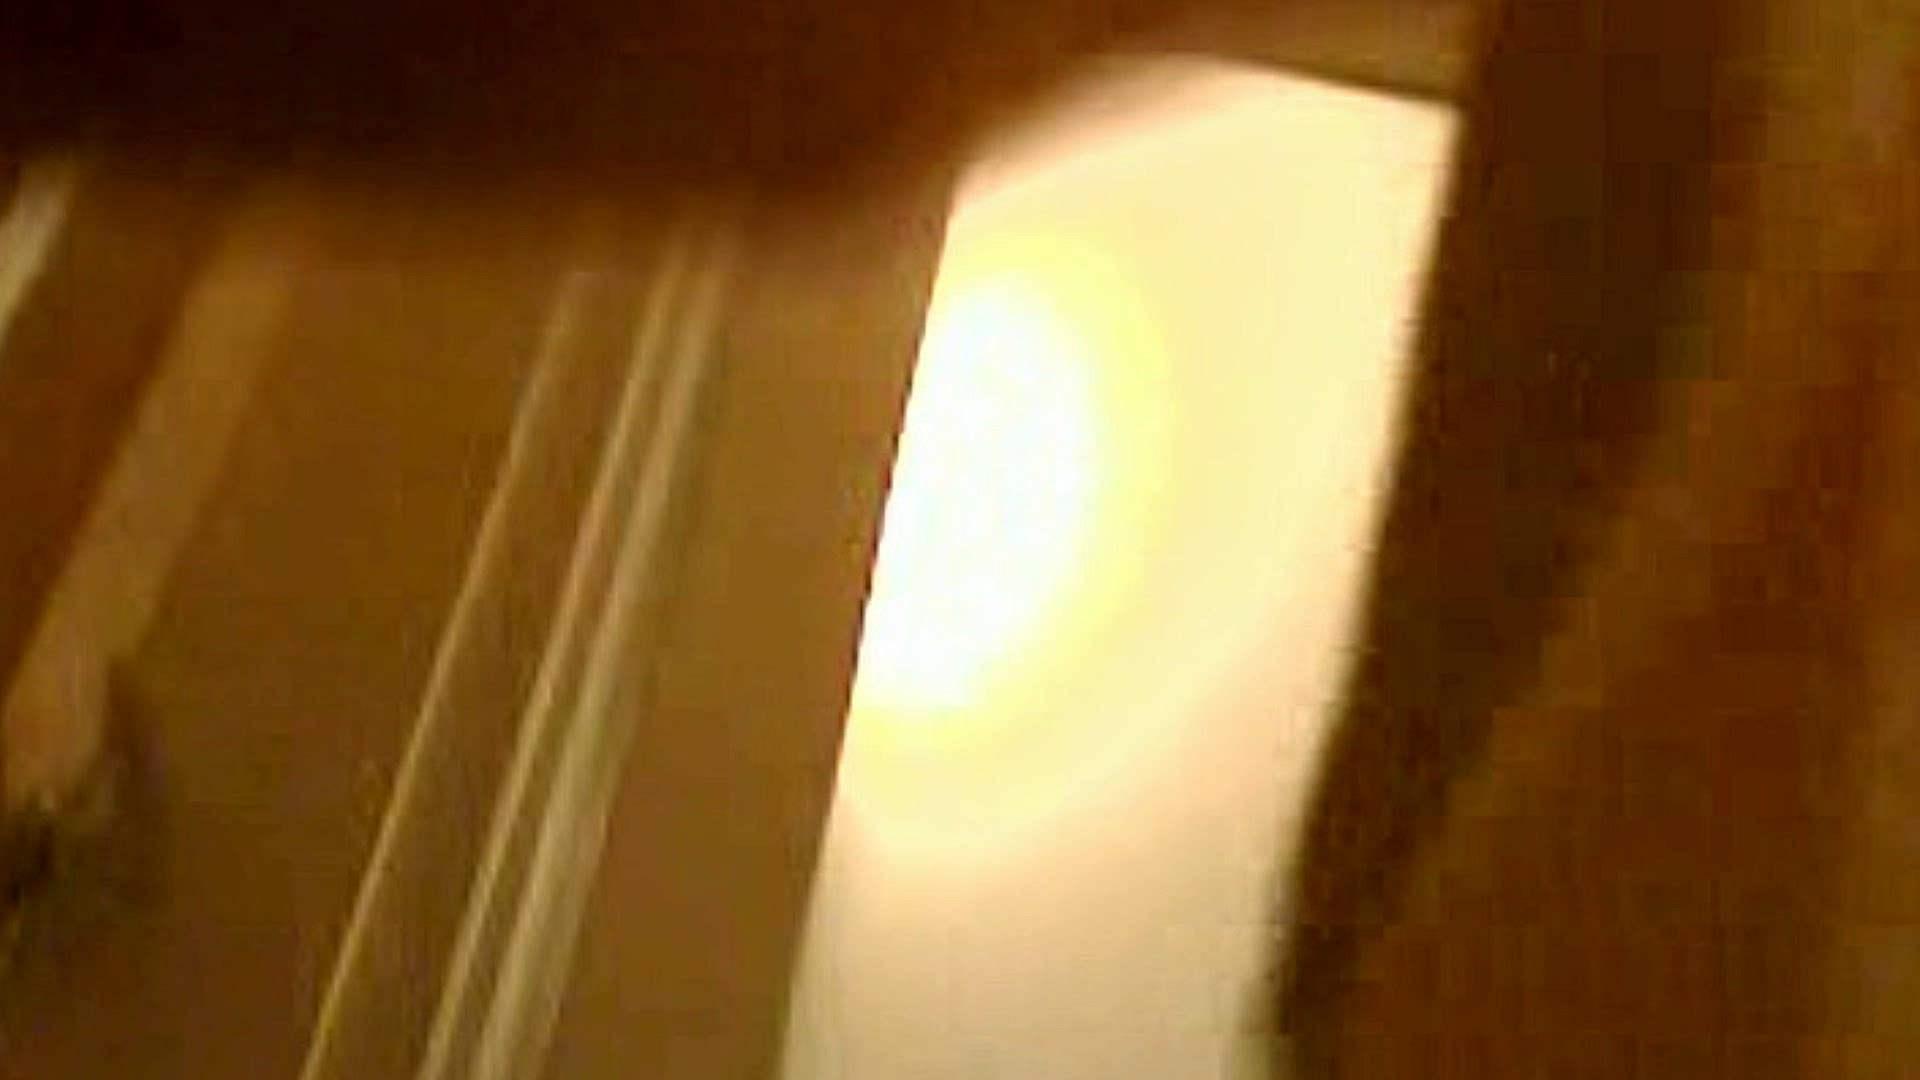 ▲復活限定D▲ややぽちゃ童顔の カナちゃん Vol.03 脱衣編 期間限定動画 おめこ無修正画像 96枚 16